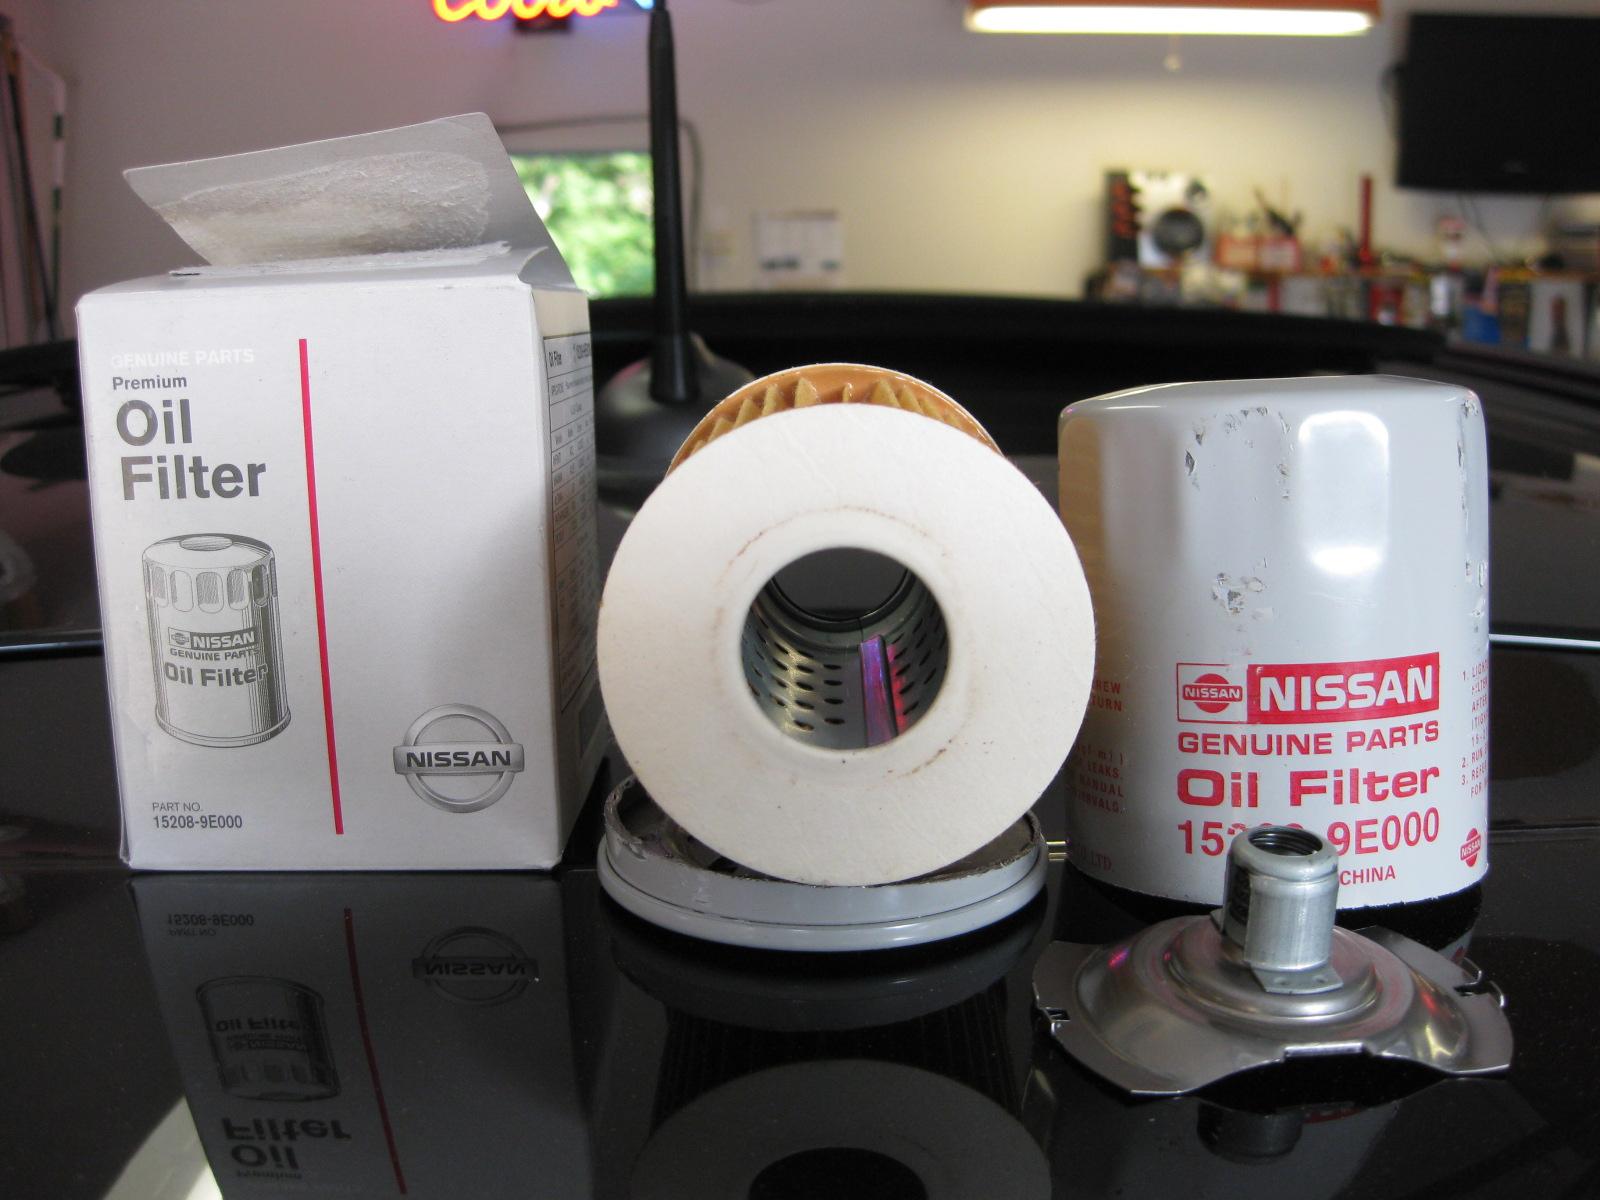 Nissan Oil Filter #15208-9E000-img_0671.jpg